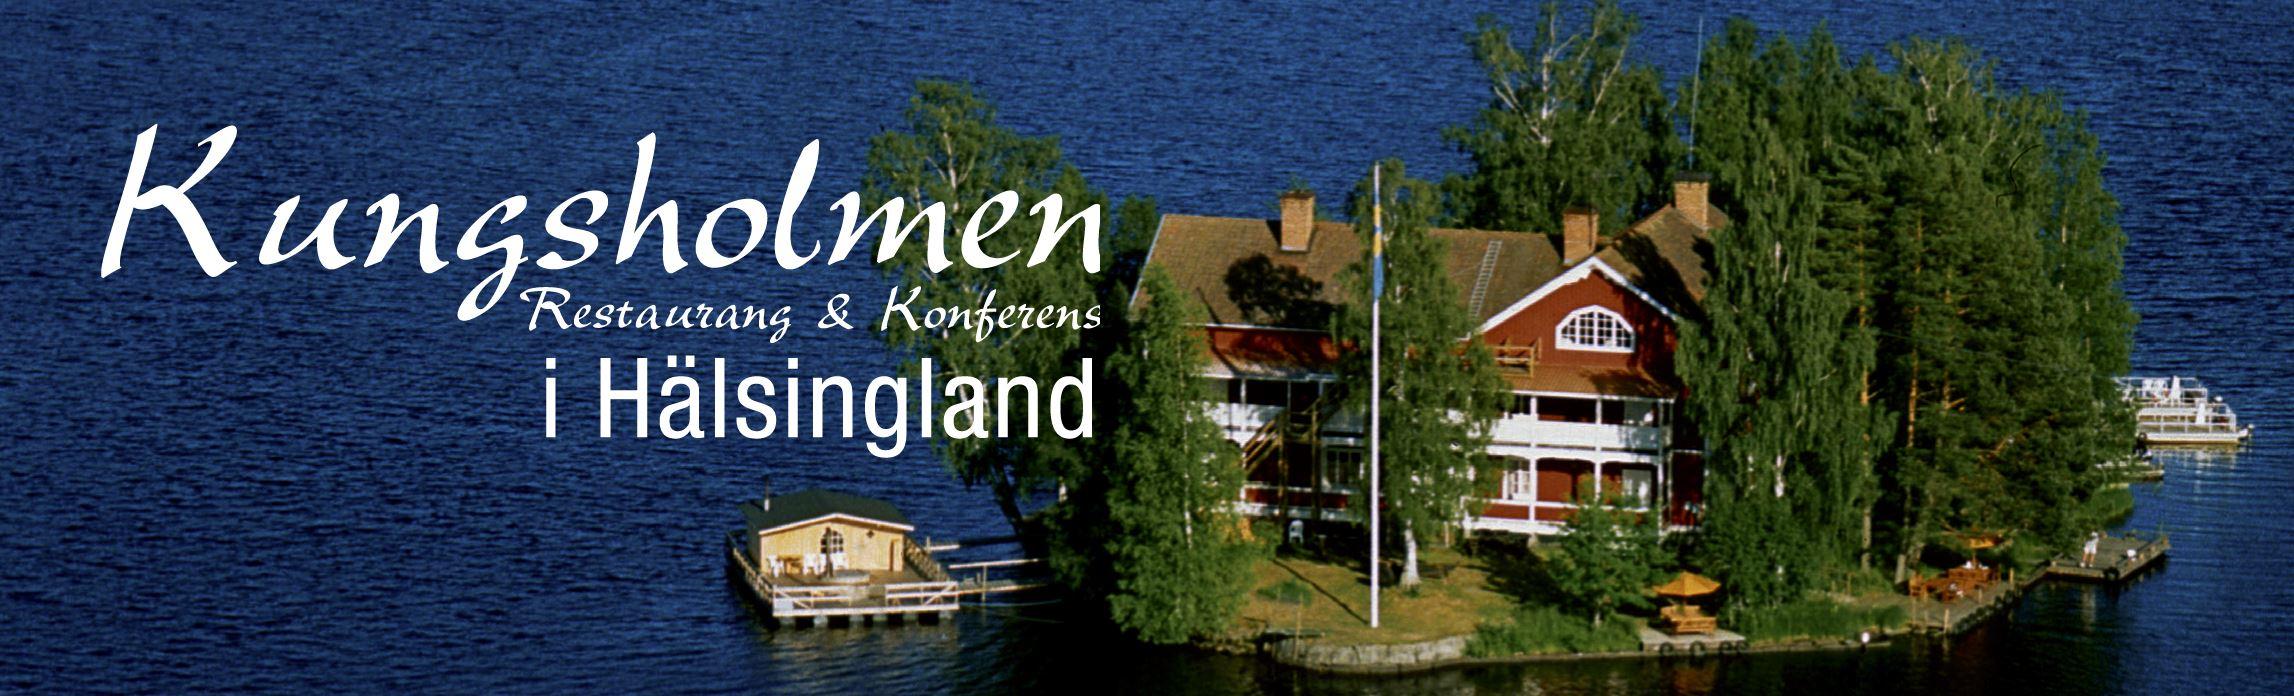 Kungsholmen Restaurant and Conference Centre